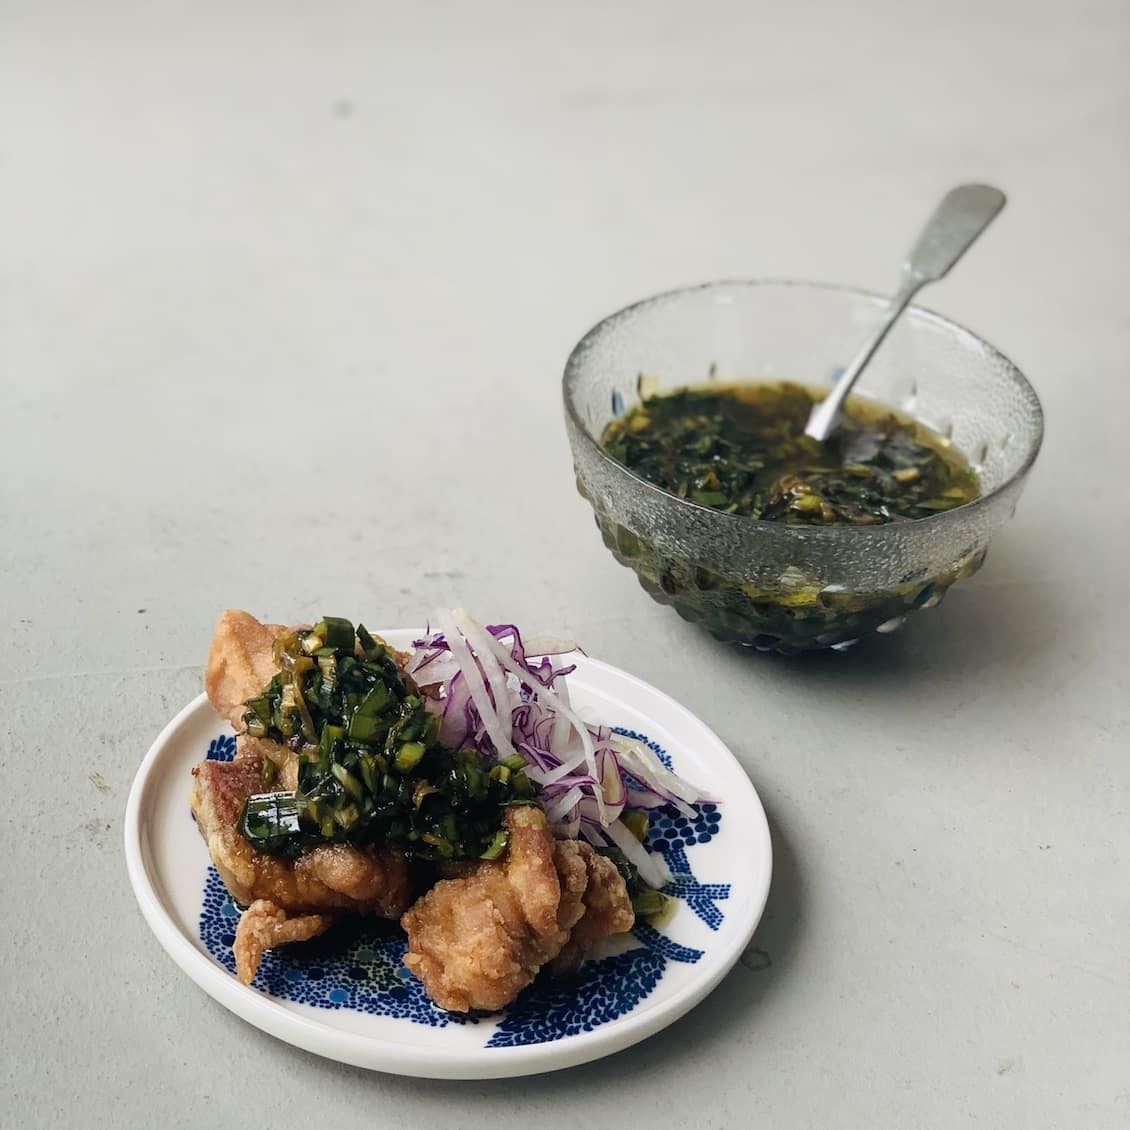 【クラシコムの社員食堂】クリスピー感がたまらない! 唐揚げと「万能ニラダレ」でお昼ごはん。